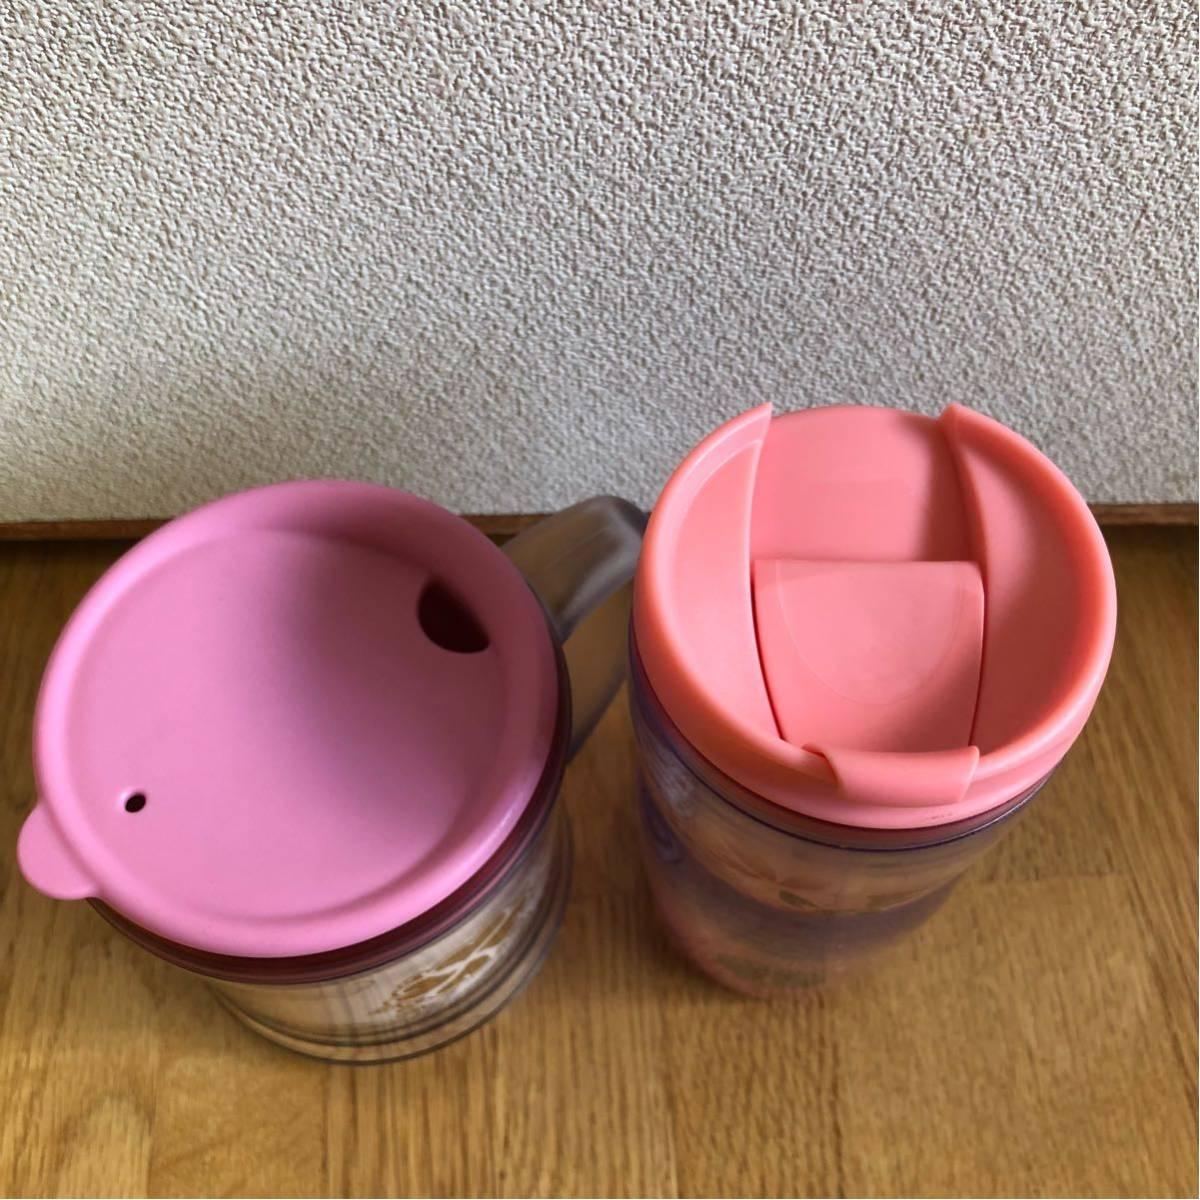 送料込み★スターバックス タンブラー&コーヒーカップ★SAKURA ピンクハート★_画像3